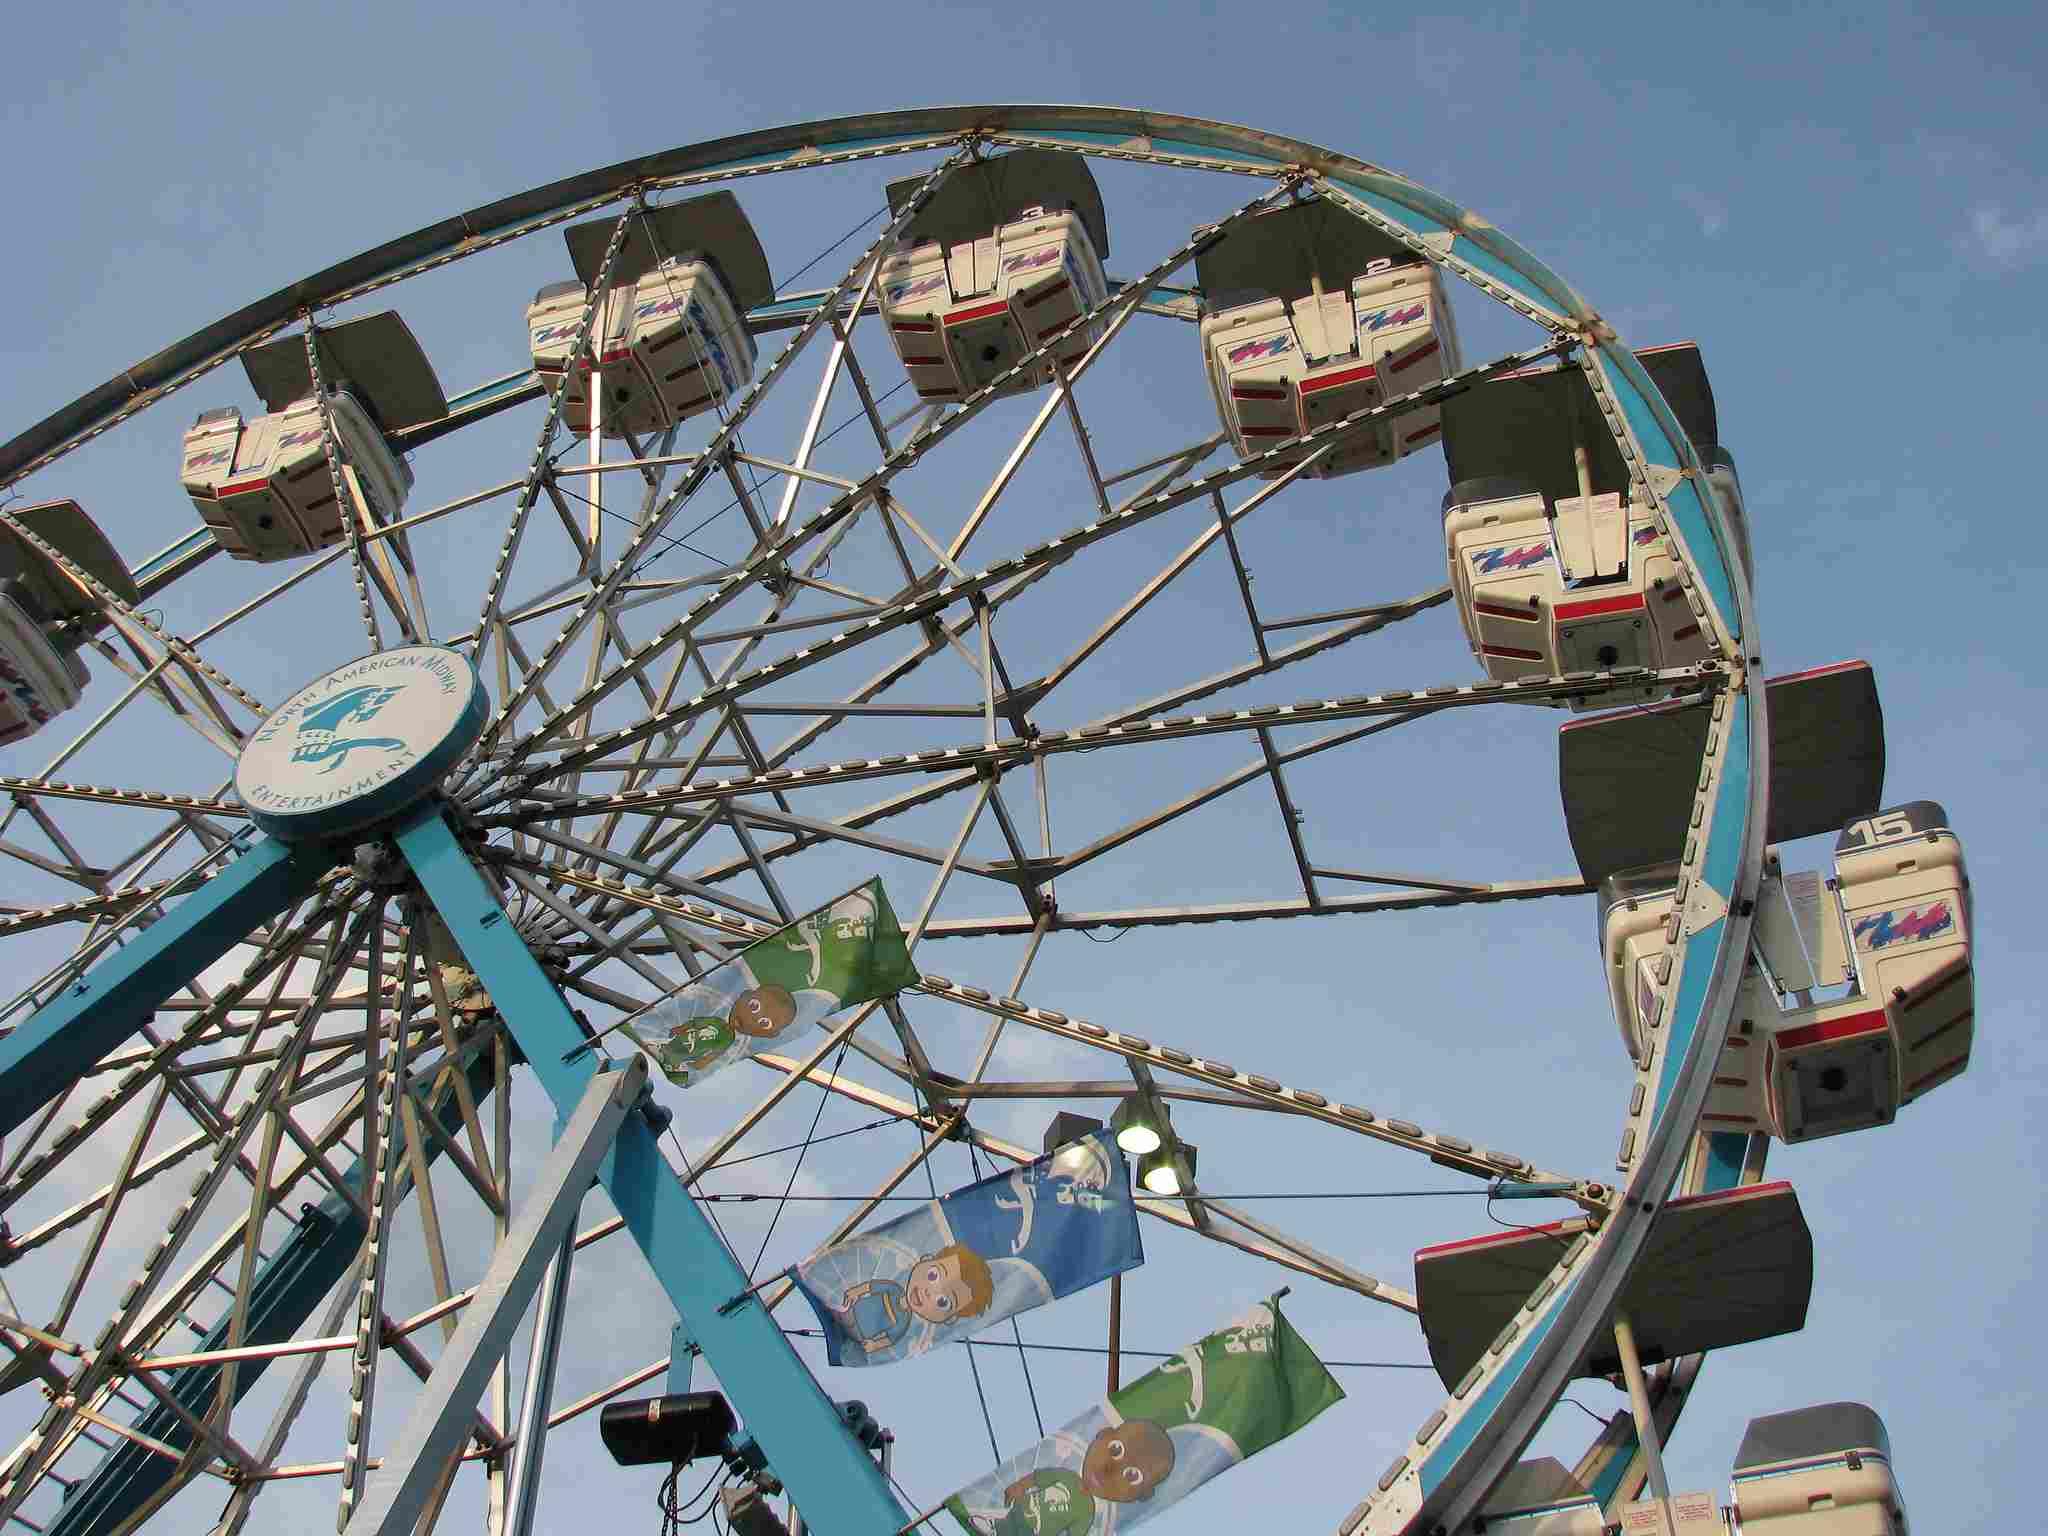 KY State Fair, 2012